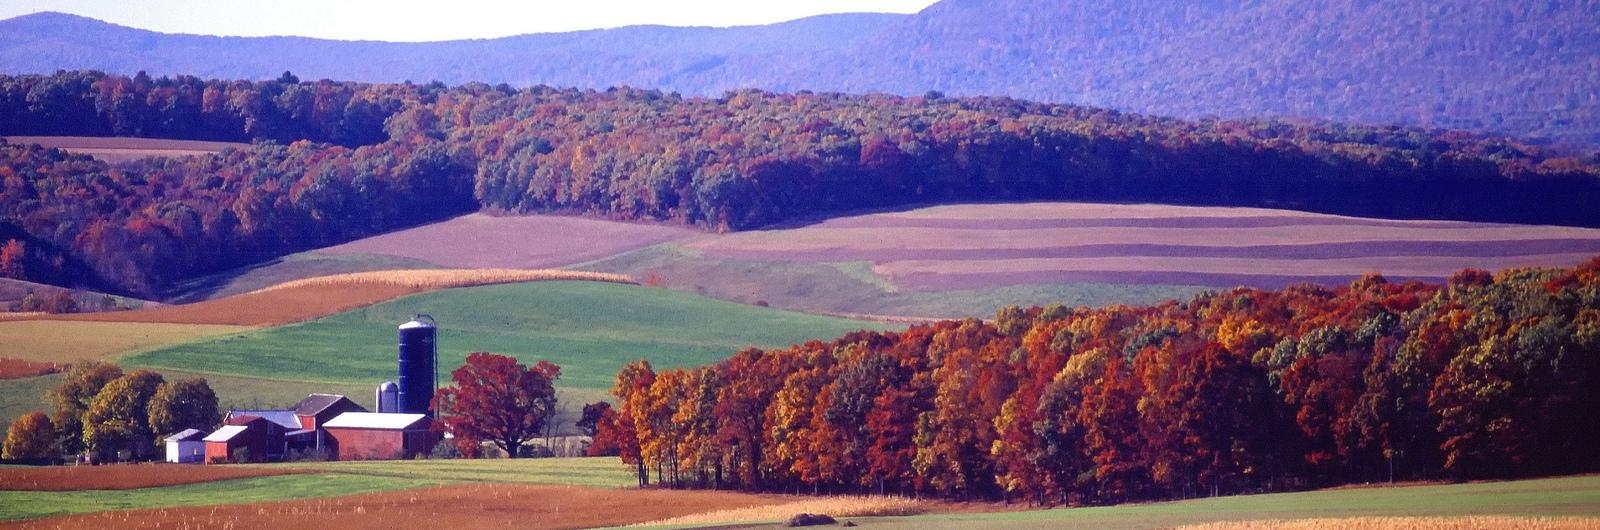 pennsylvania region header